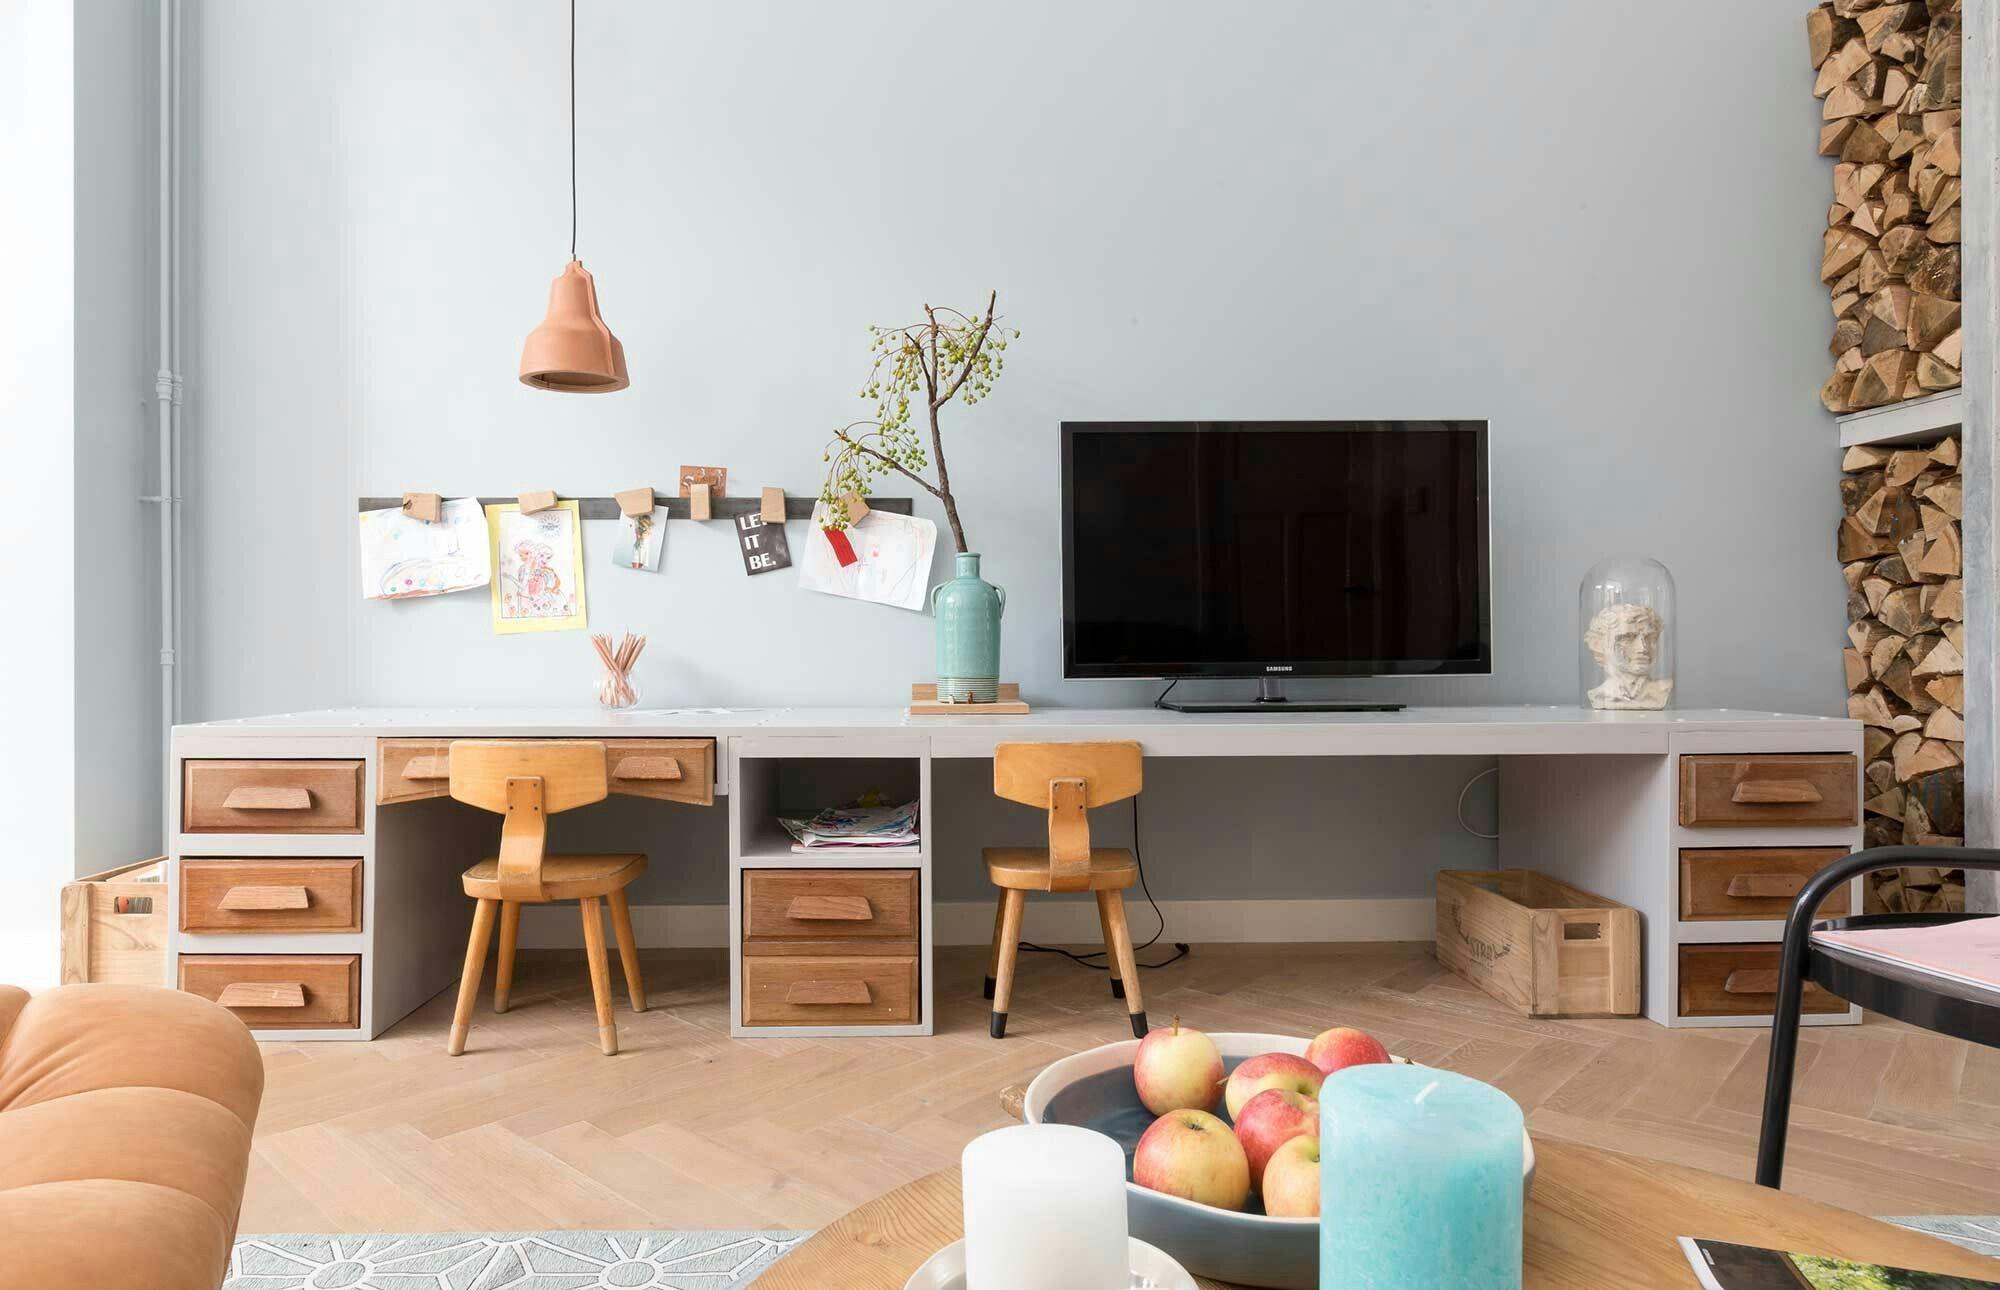 Room Kids Wandplanken Tv En Kinder Speelhoek (Vtwonen)